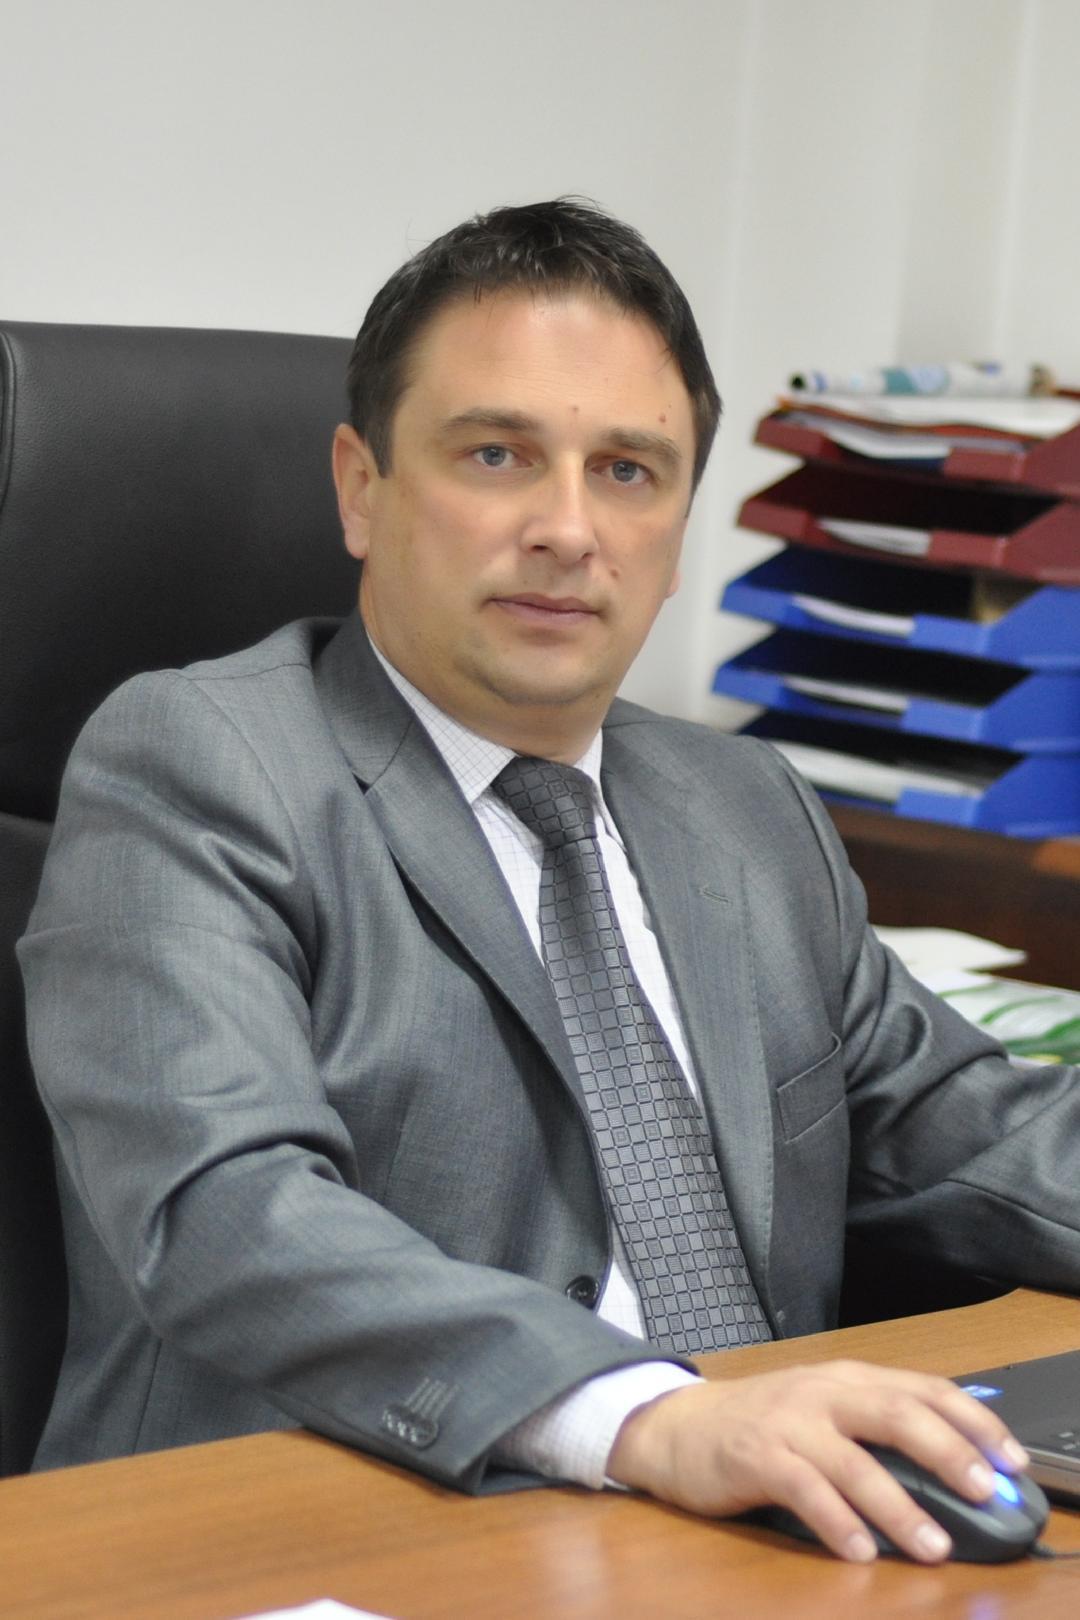 Photo of Квалитетот на млечниот производ зависи од квалитетот на суровото млеко, вели Драган Илиевски, директор на суровина во Бимилк